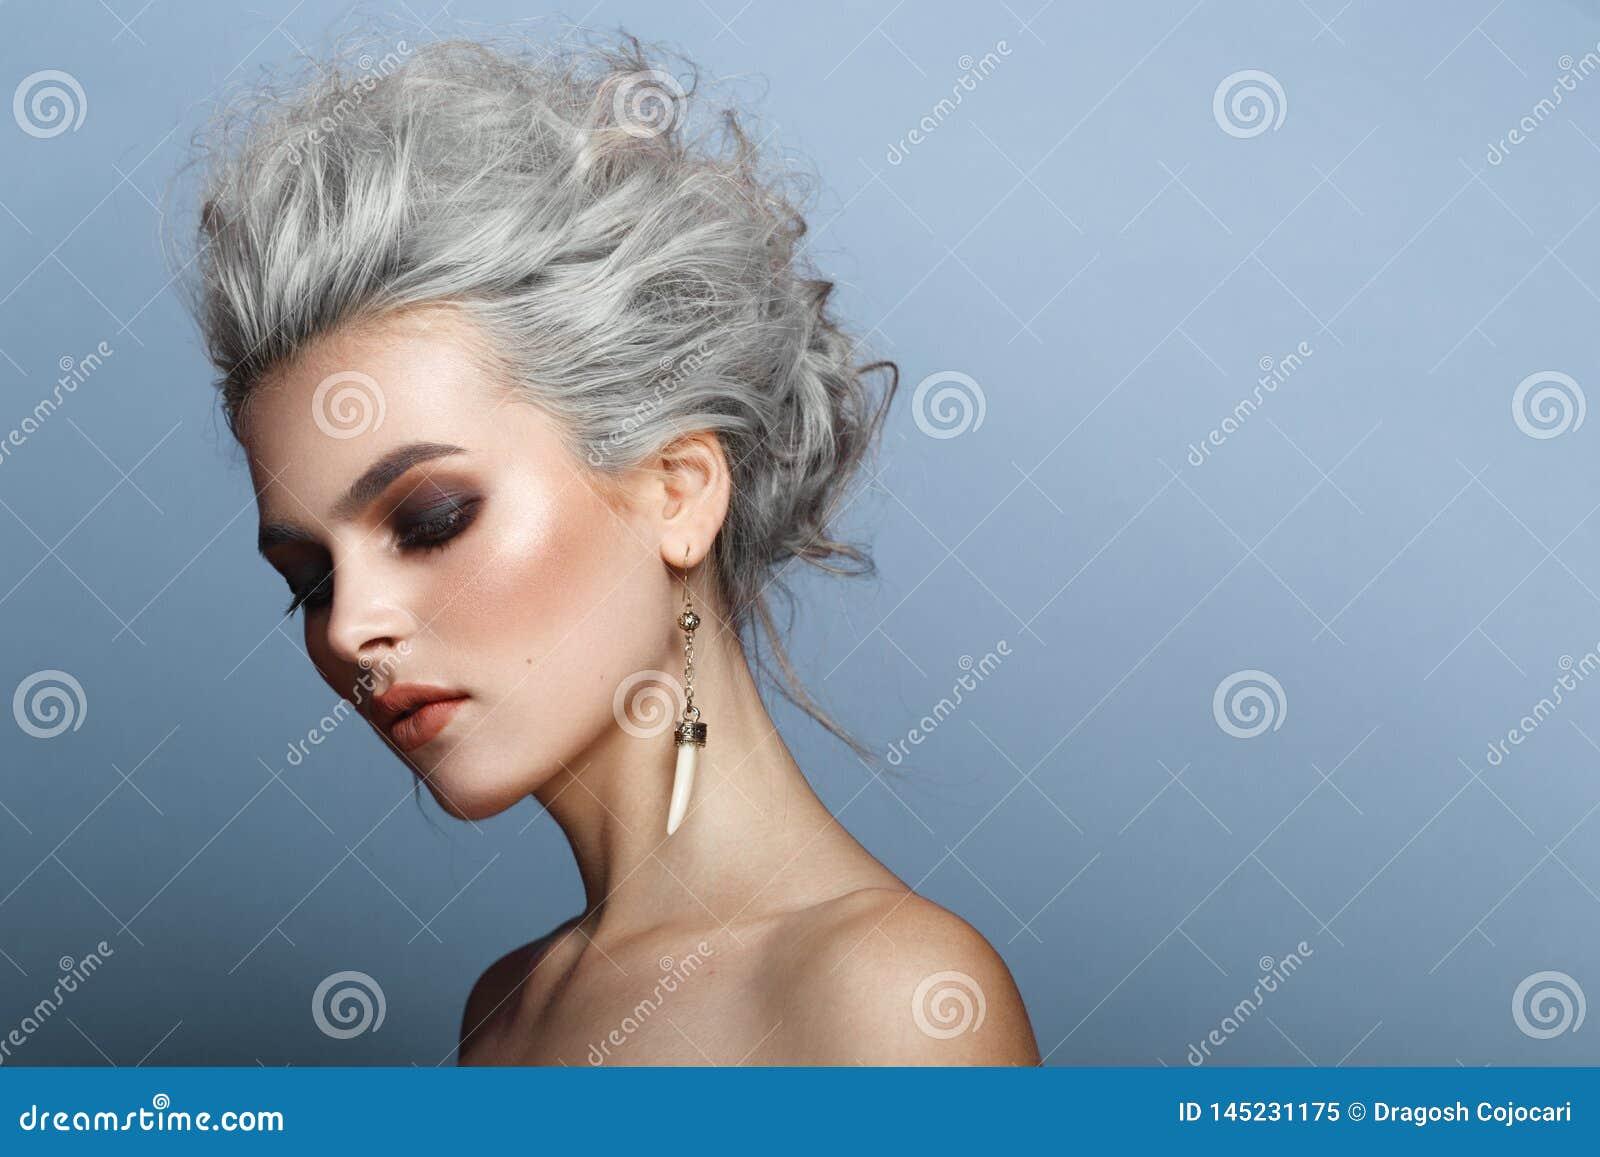 Le portrait de profil jeune de la femme blonde à la mode et magnifique, composent, les épaules nues, sur un fond bleu